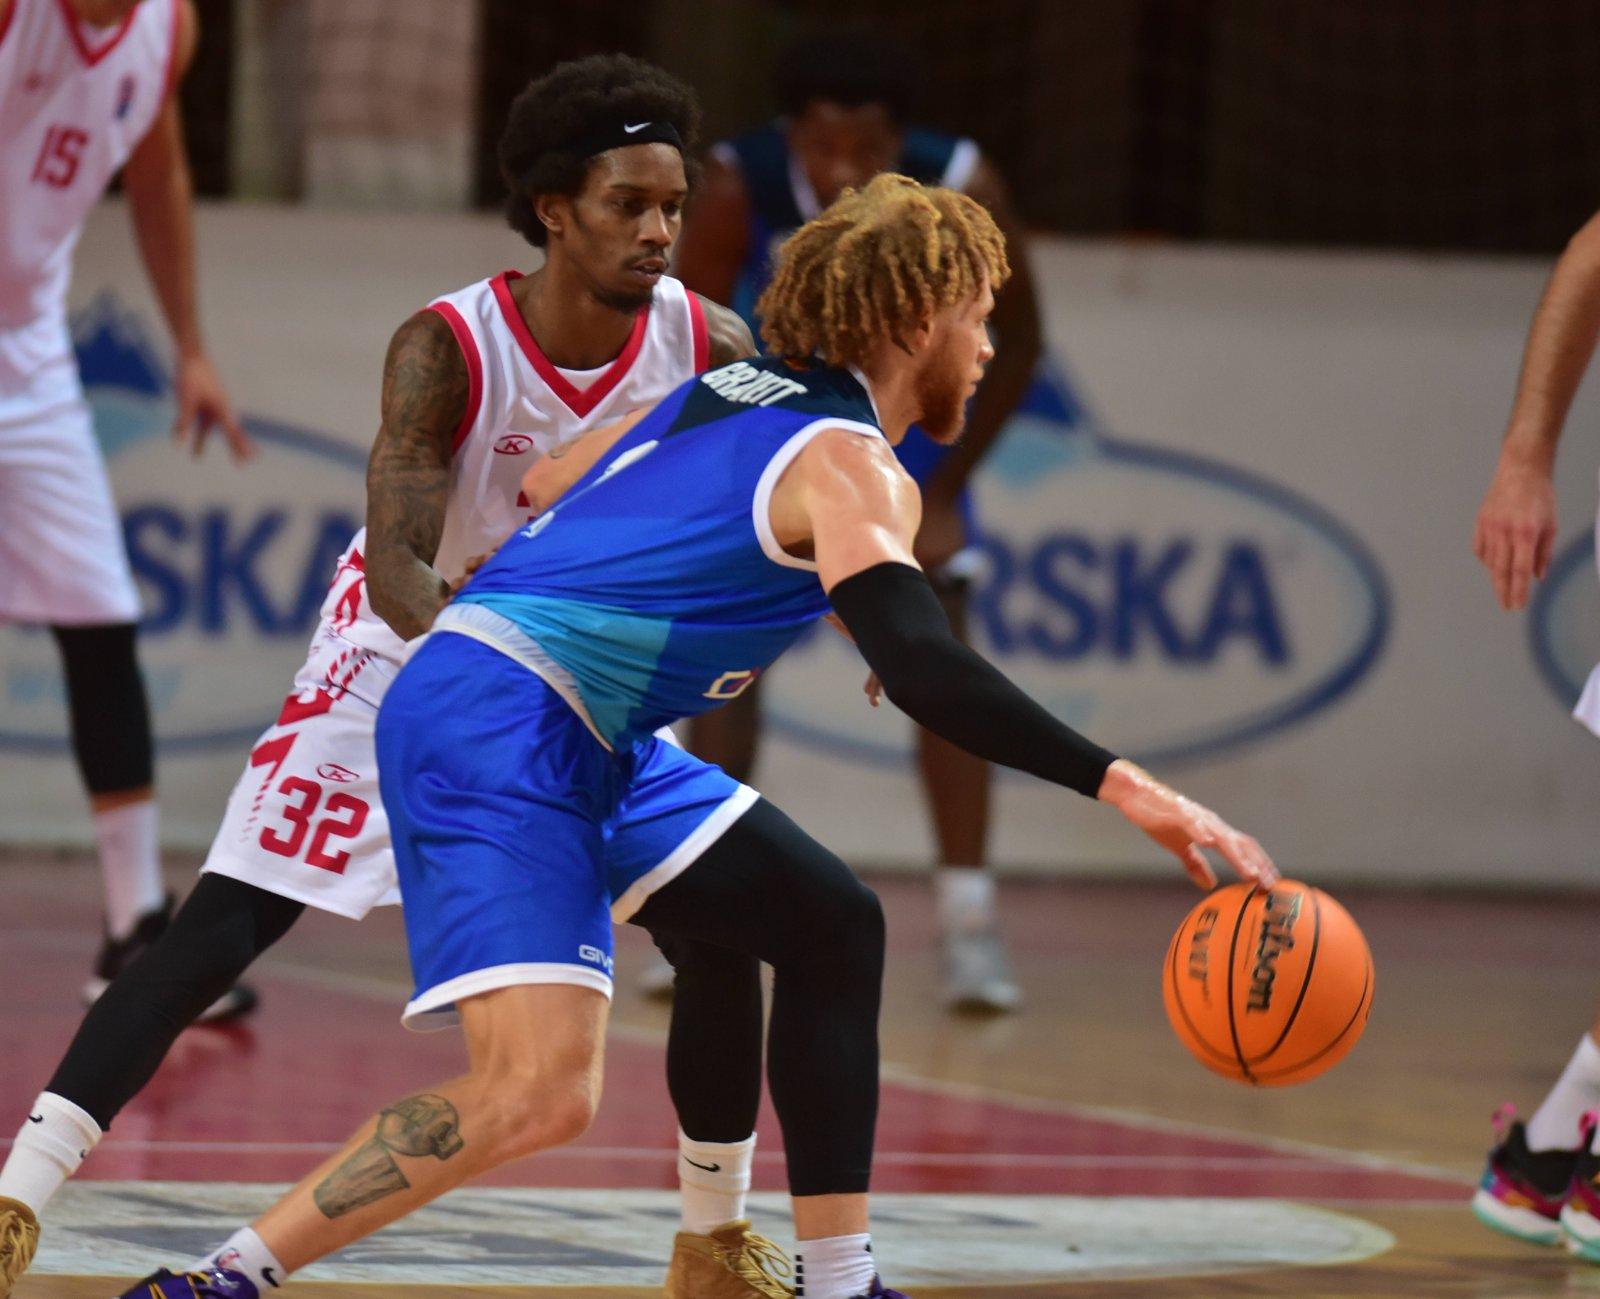 Македонското дерби во АБА 2 лигата, МЗТ Скопје Аеродром-Работнички, ќе се игра во осмото коло!